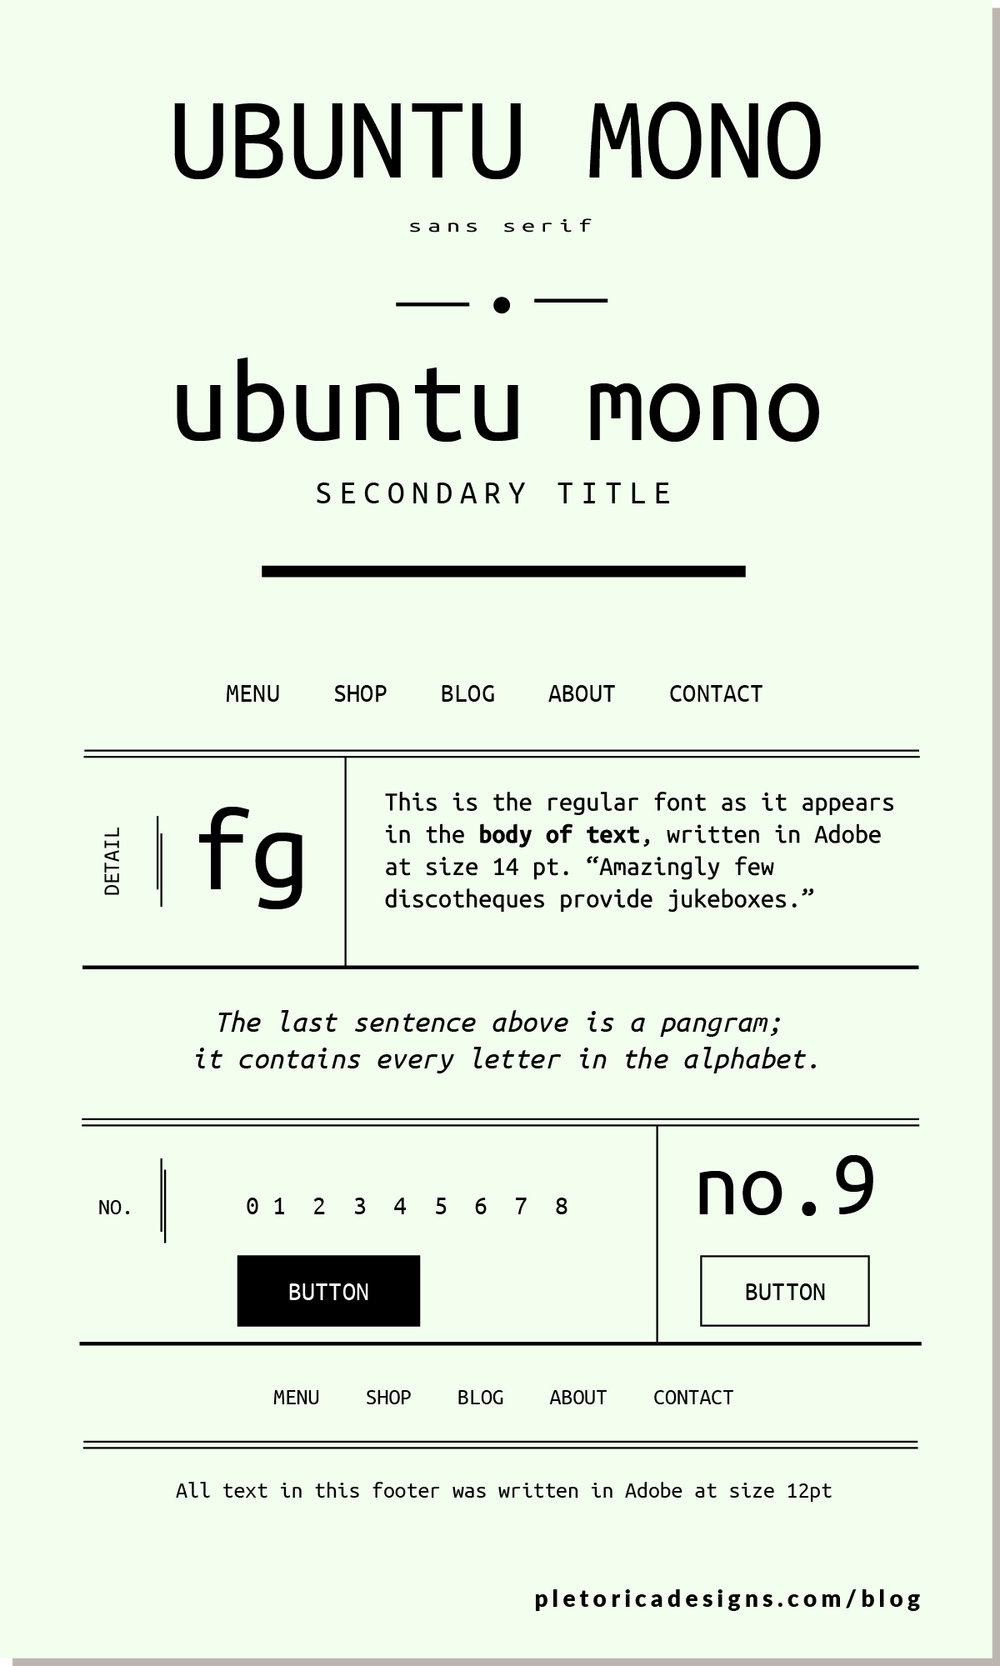 UbuntuMono_POSTER.jpg